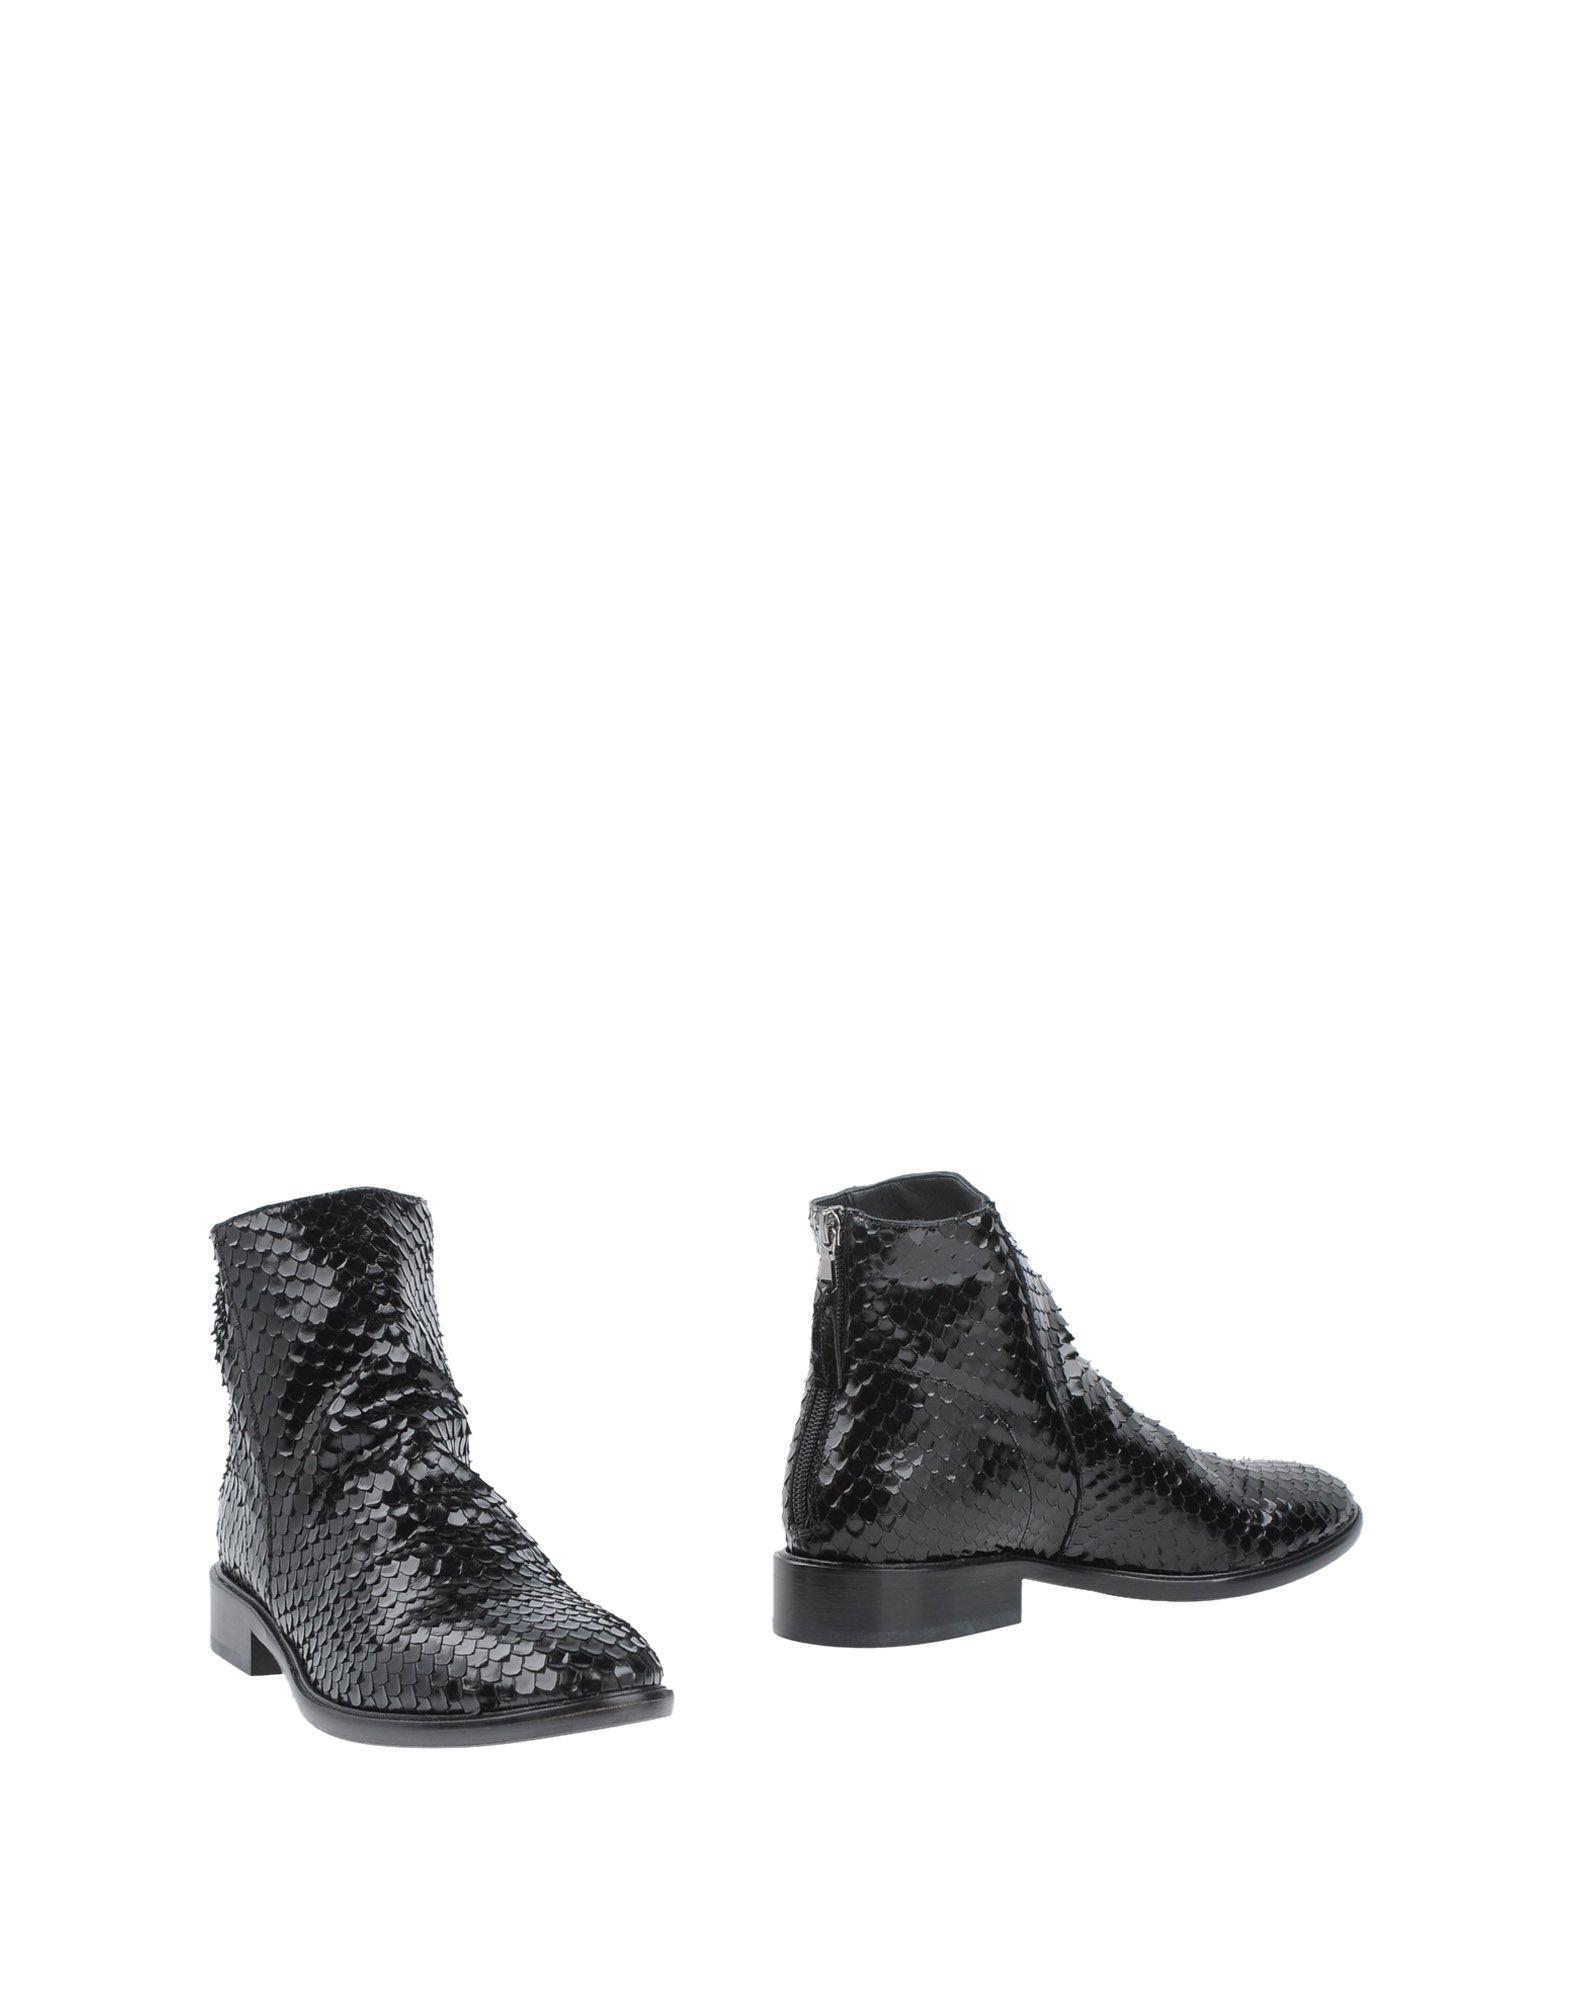 Strategia Stiefelette Damen  11328077EBGut aussehende strapazierfähige Schuhe